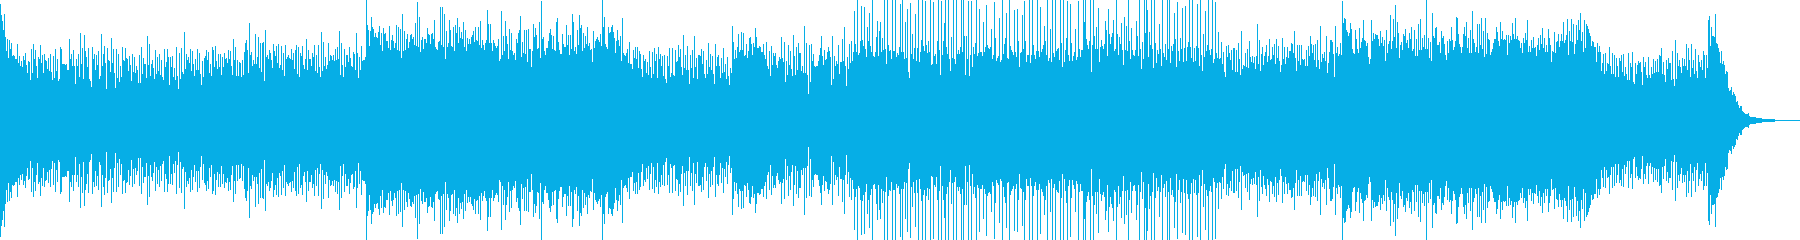 映画音楽、荘厳重厚、映像向け-08の再生済みの波形